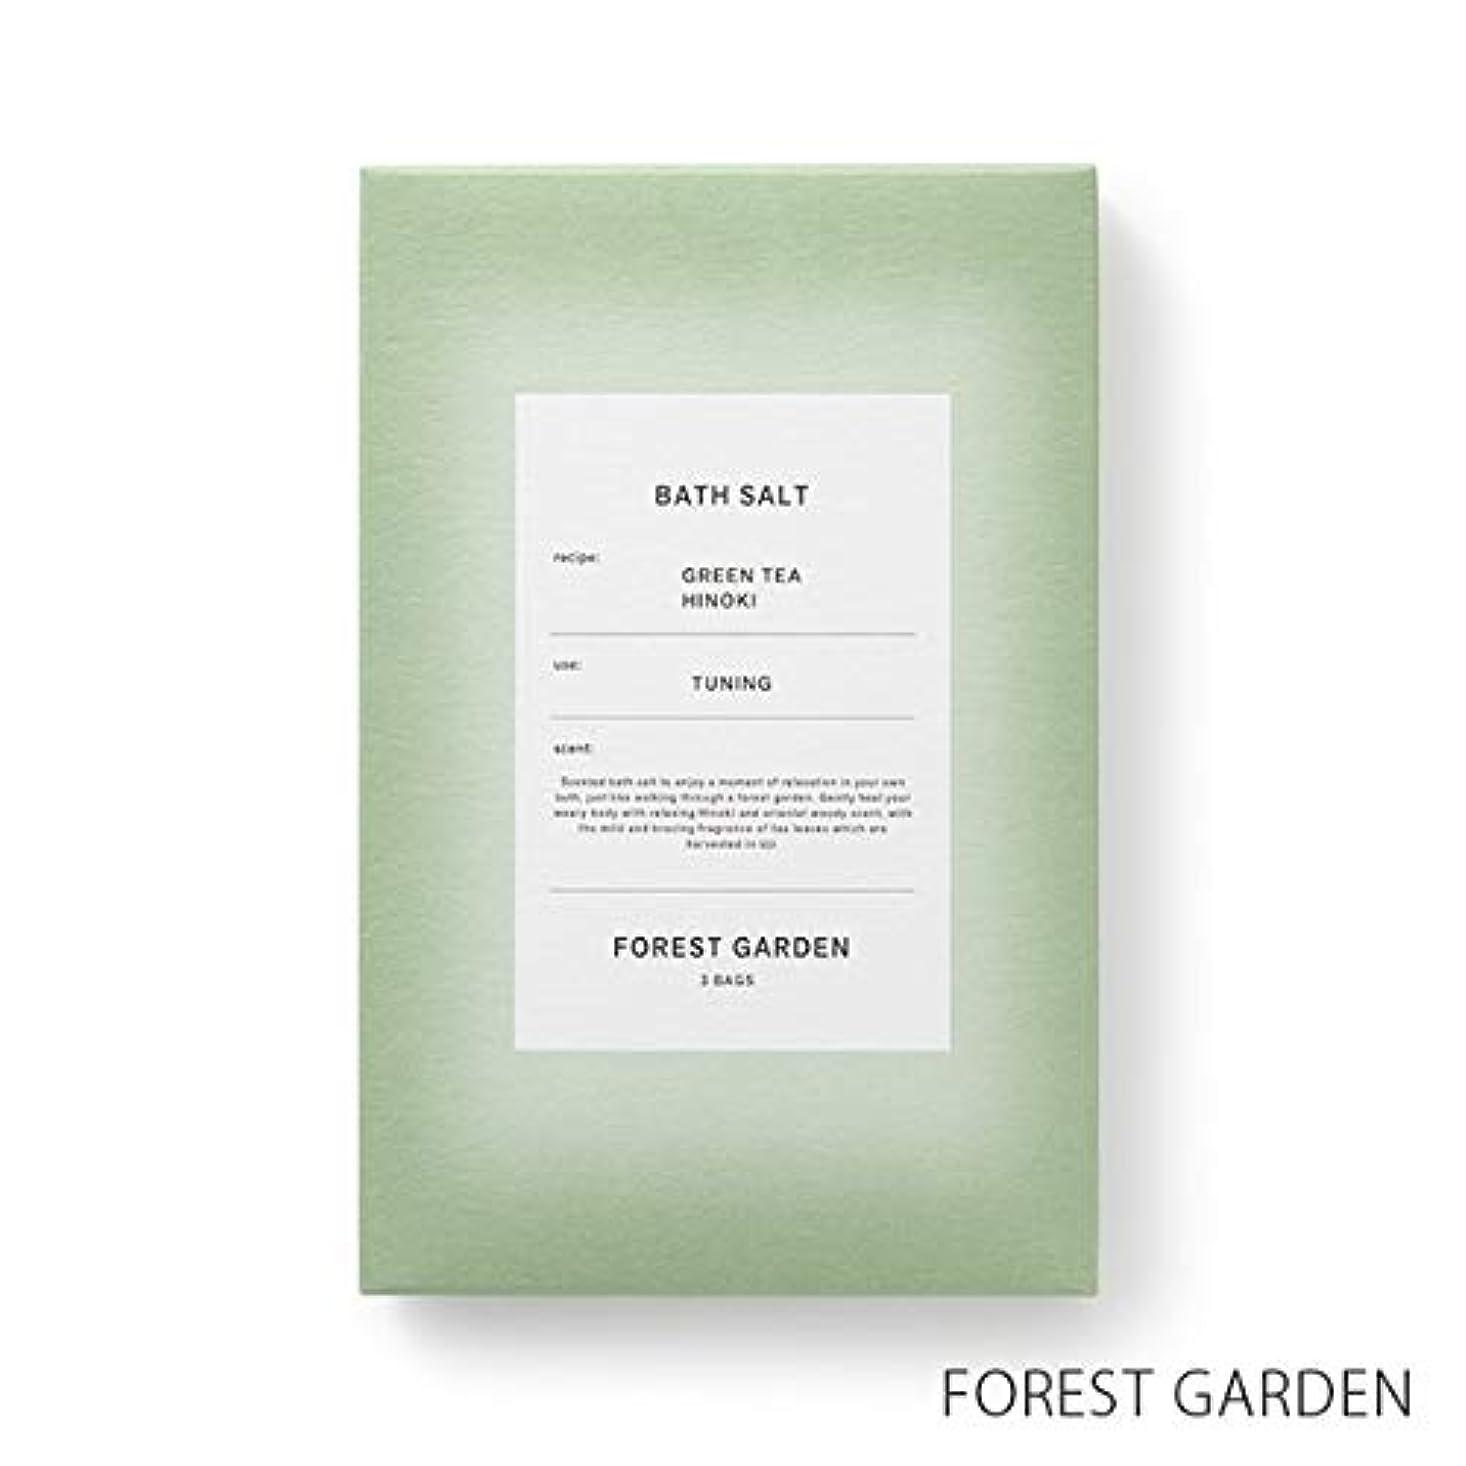 オーストラリア偽土曜日【薫玉堂】 バスソルト FOREST GARDEN 森の庭 緑 和 宇治茶の香り